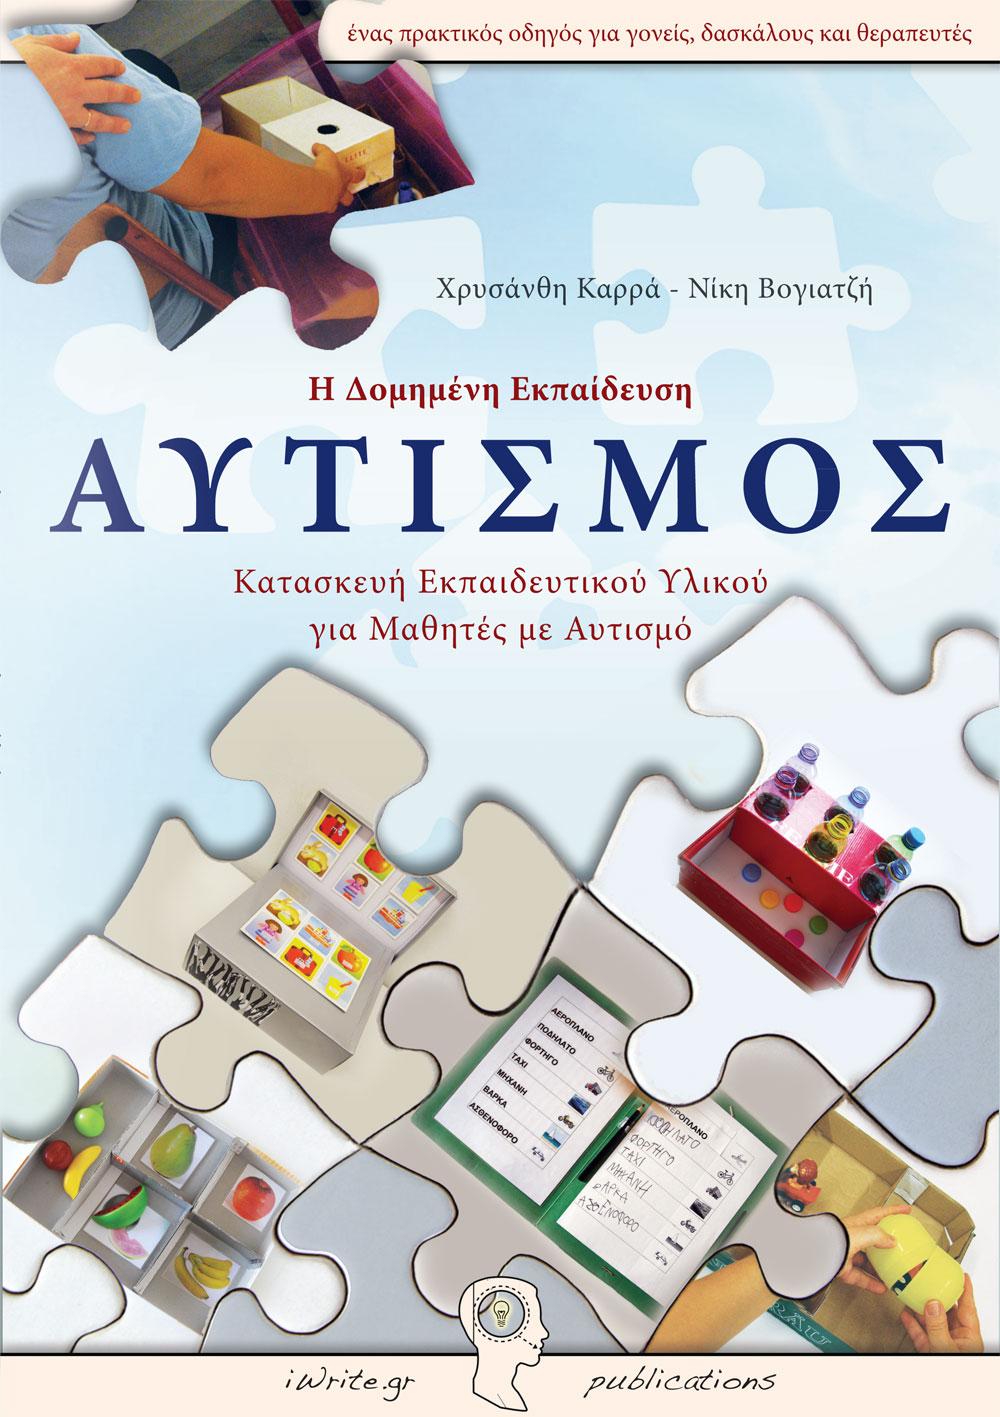 Εξώφυλλο, Αυτισμός, Εκδόσεις iWrite